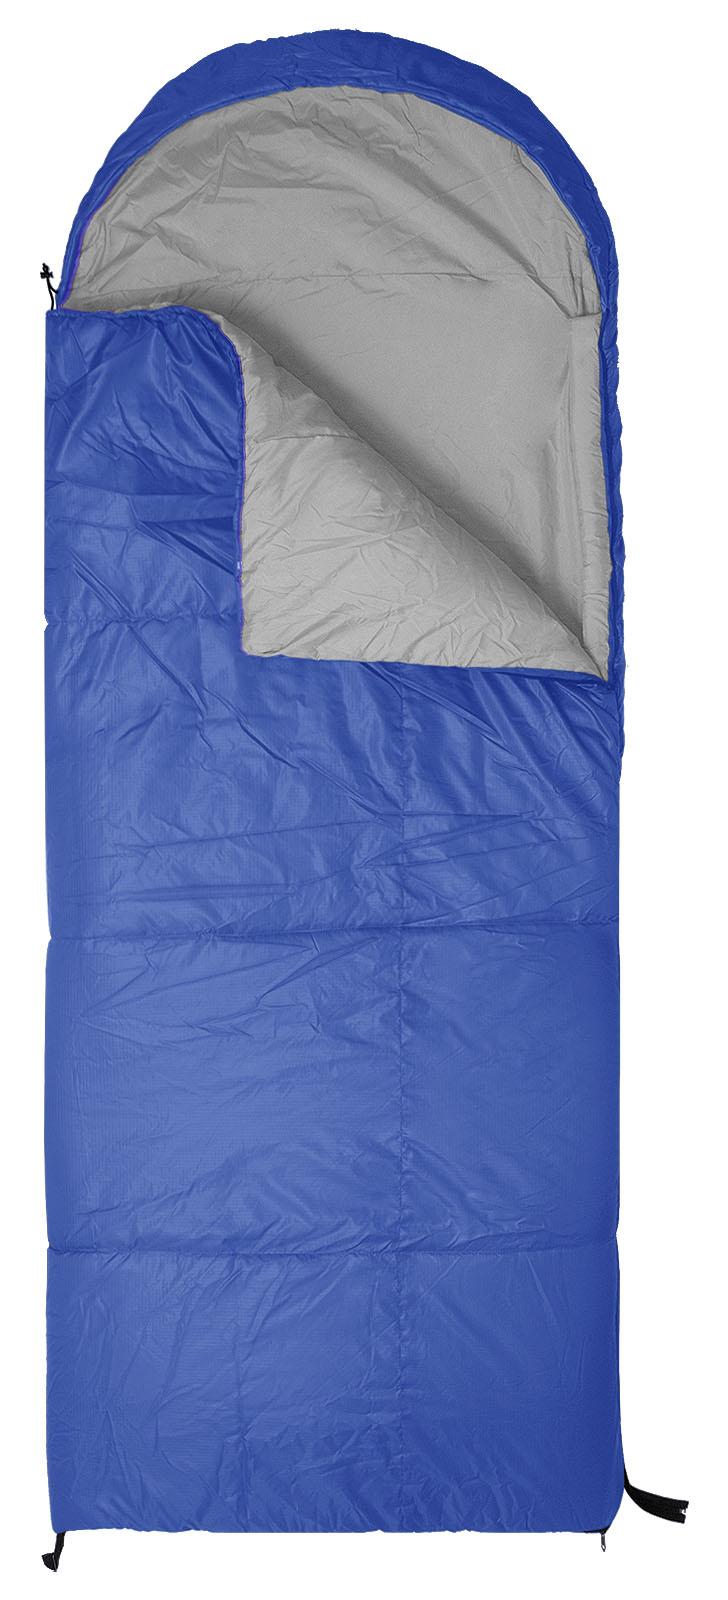 Детские рюкзаки и спальные мешки купить рюкзак с внешним каркасом